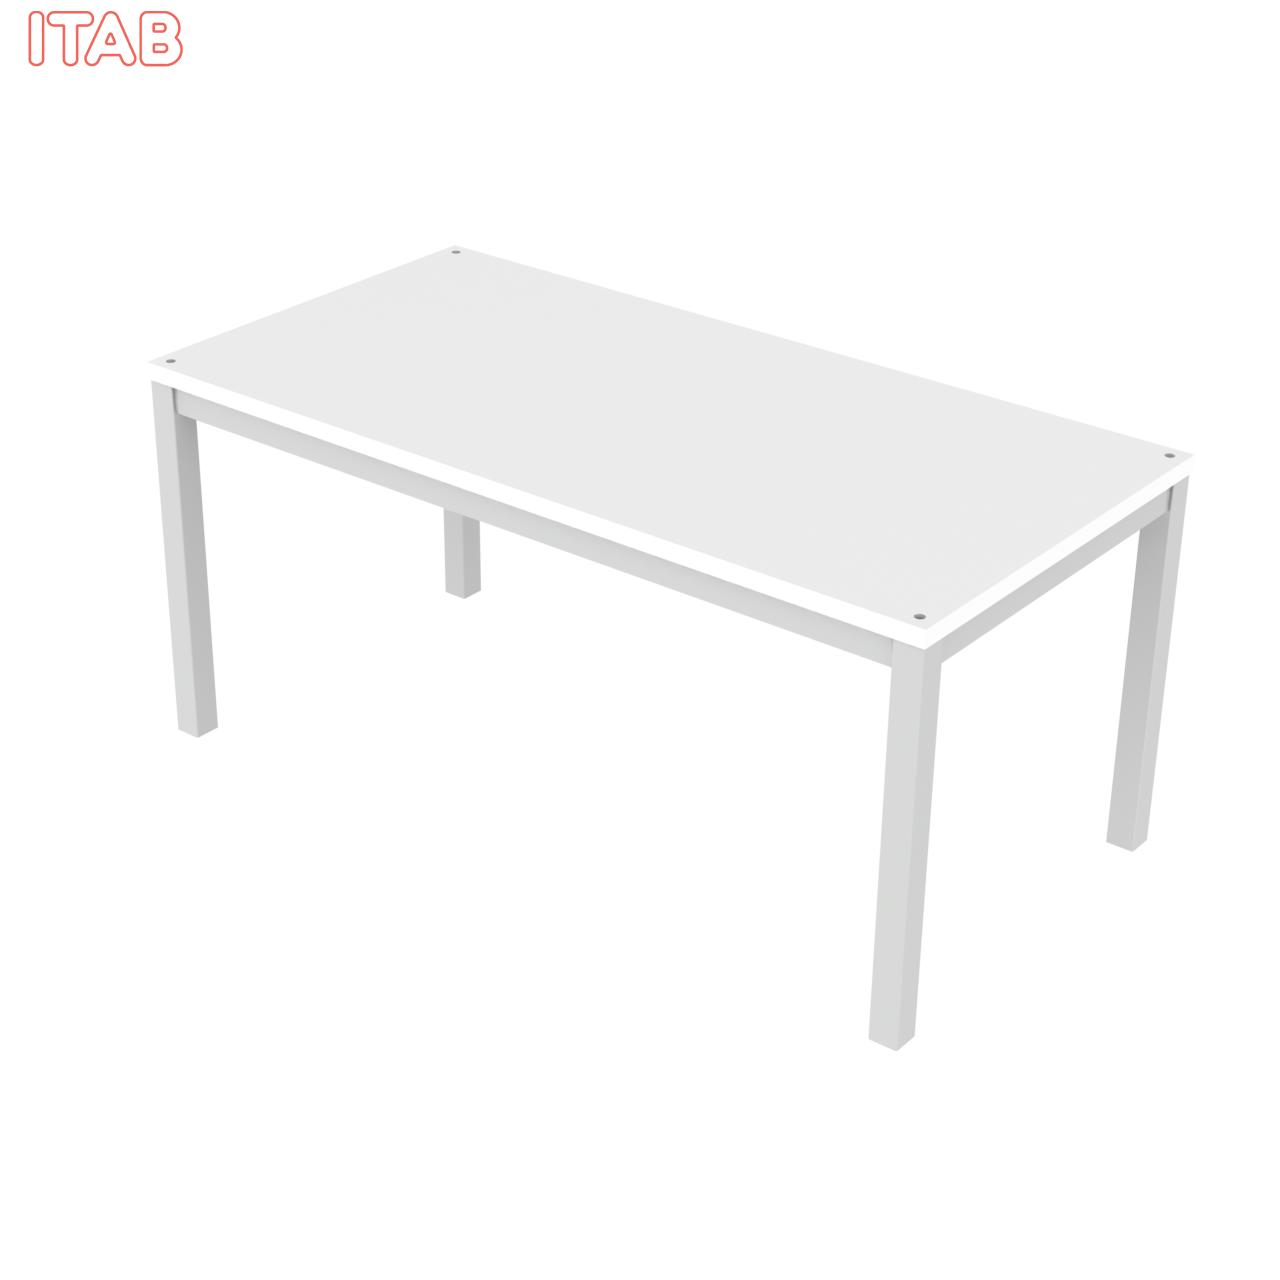 Modulipöytä 120x60x55